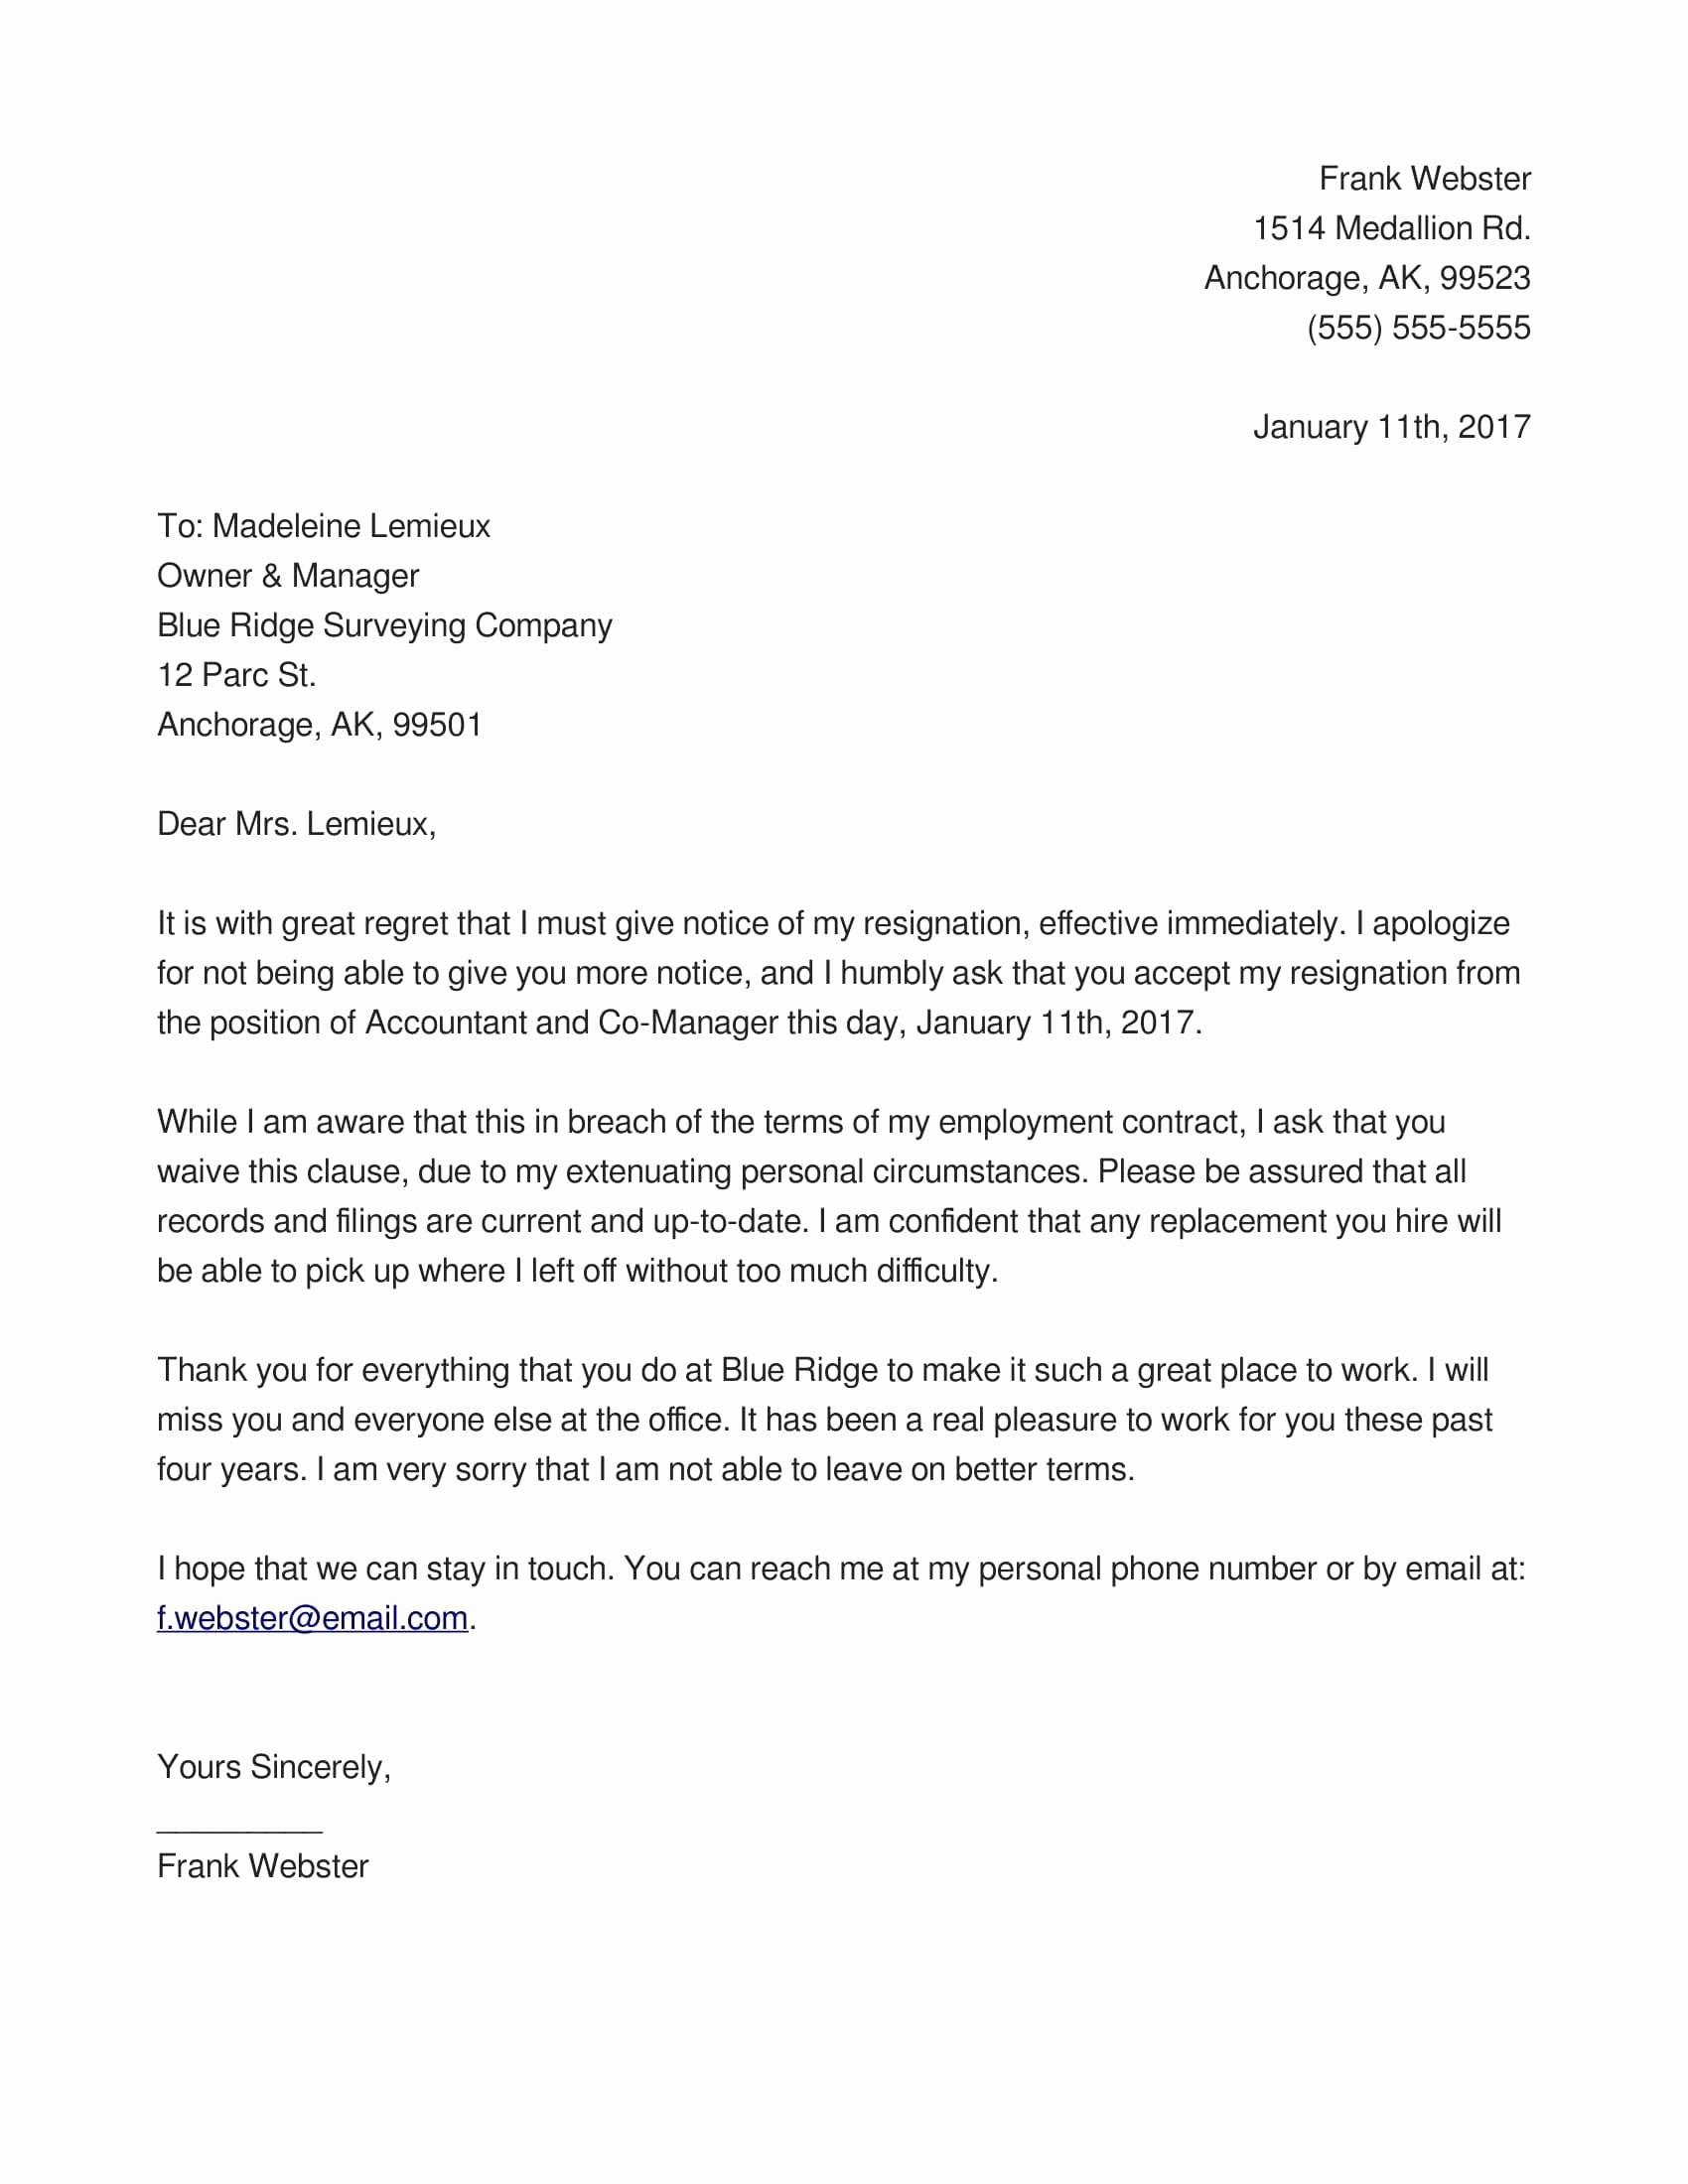 Letter Of Immediate Resignation Elegant Resignation Letter Sample Unhappy Employee